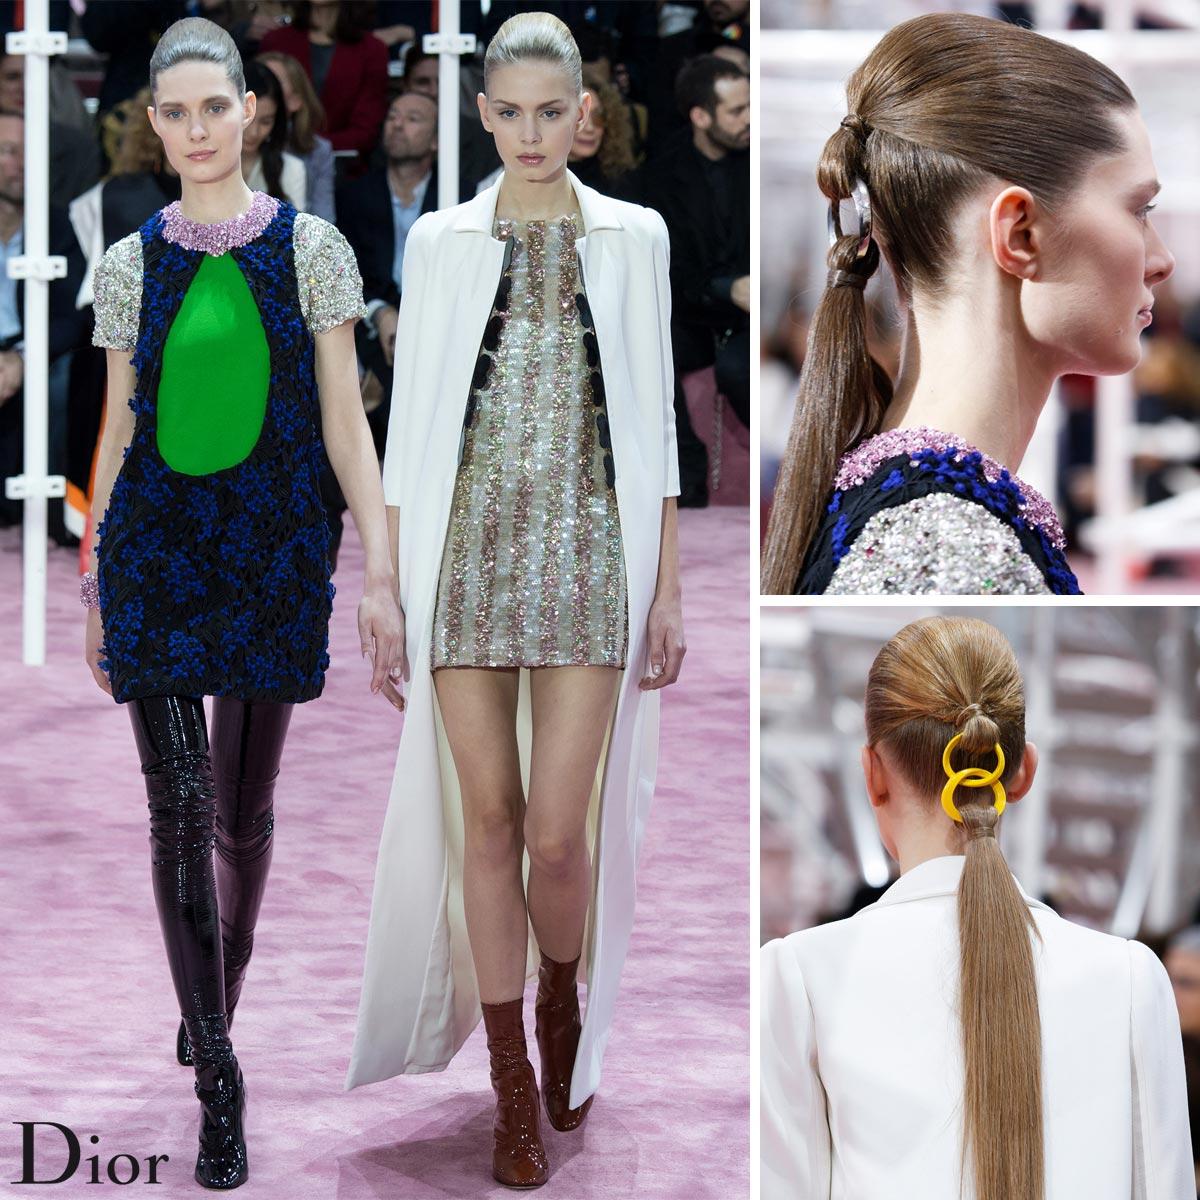 Nový culík podle Christian Dior: Pověste si falešné culíky!